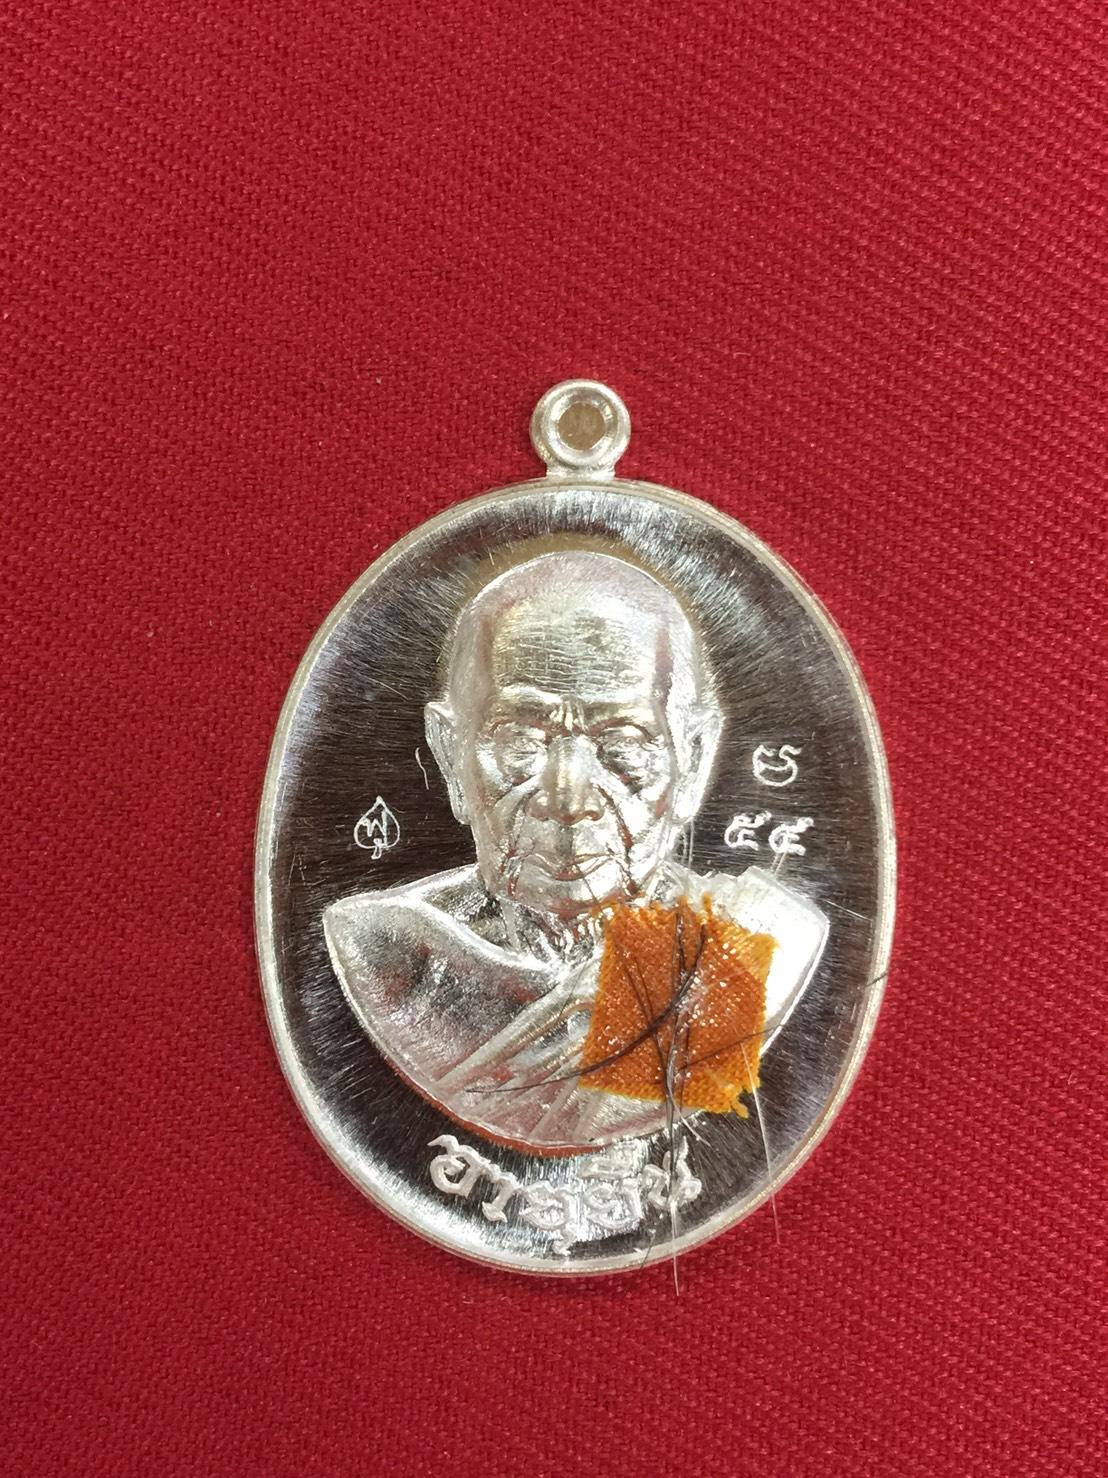 เหรียญอายุยืน ปี2559 เนื้อเงินหลังเรียบจารมือ ติดจีวรเกศา หลวงพ่อฟู วัดบางสมัคร